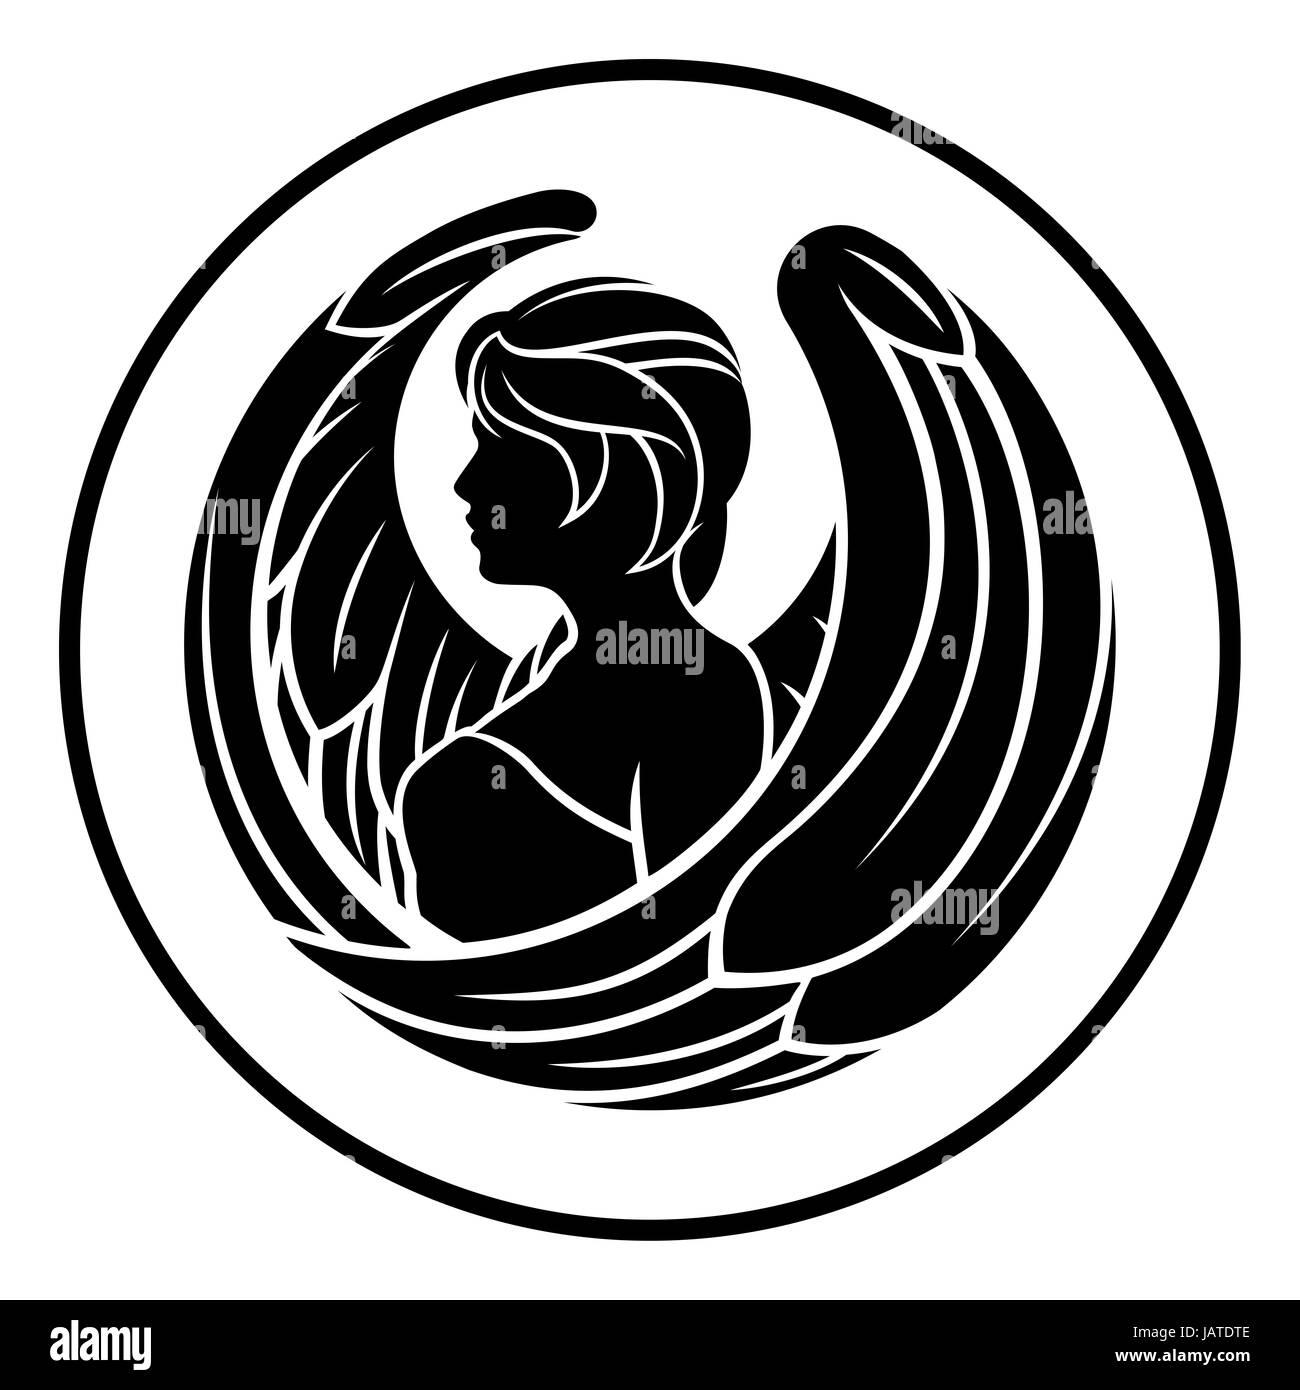 Astrology zodiac signs circular virgo angel horoscope symbol stock astrology zodiac signs circular virgo angel horoscope symbol buycottarizona Gallery